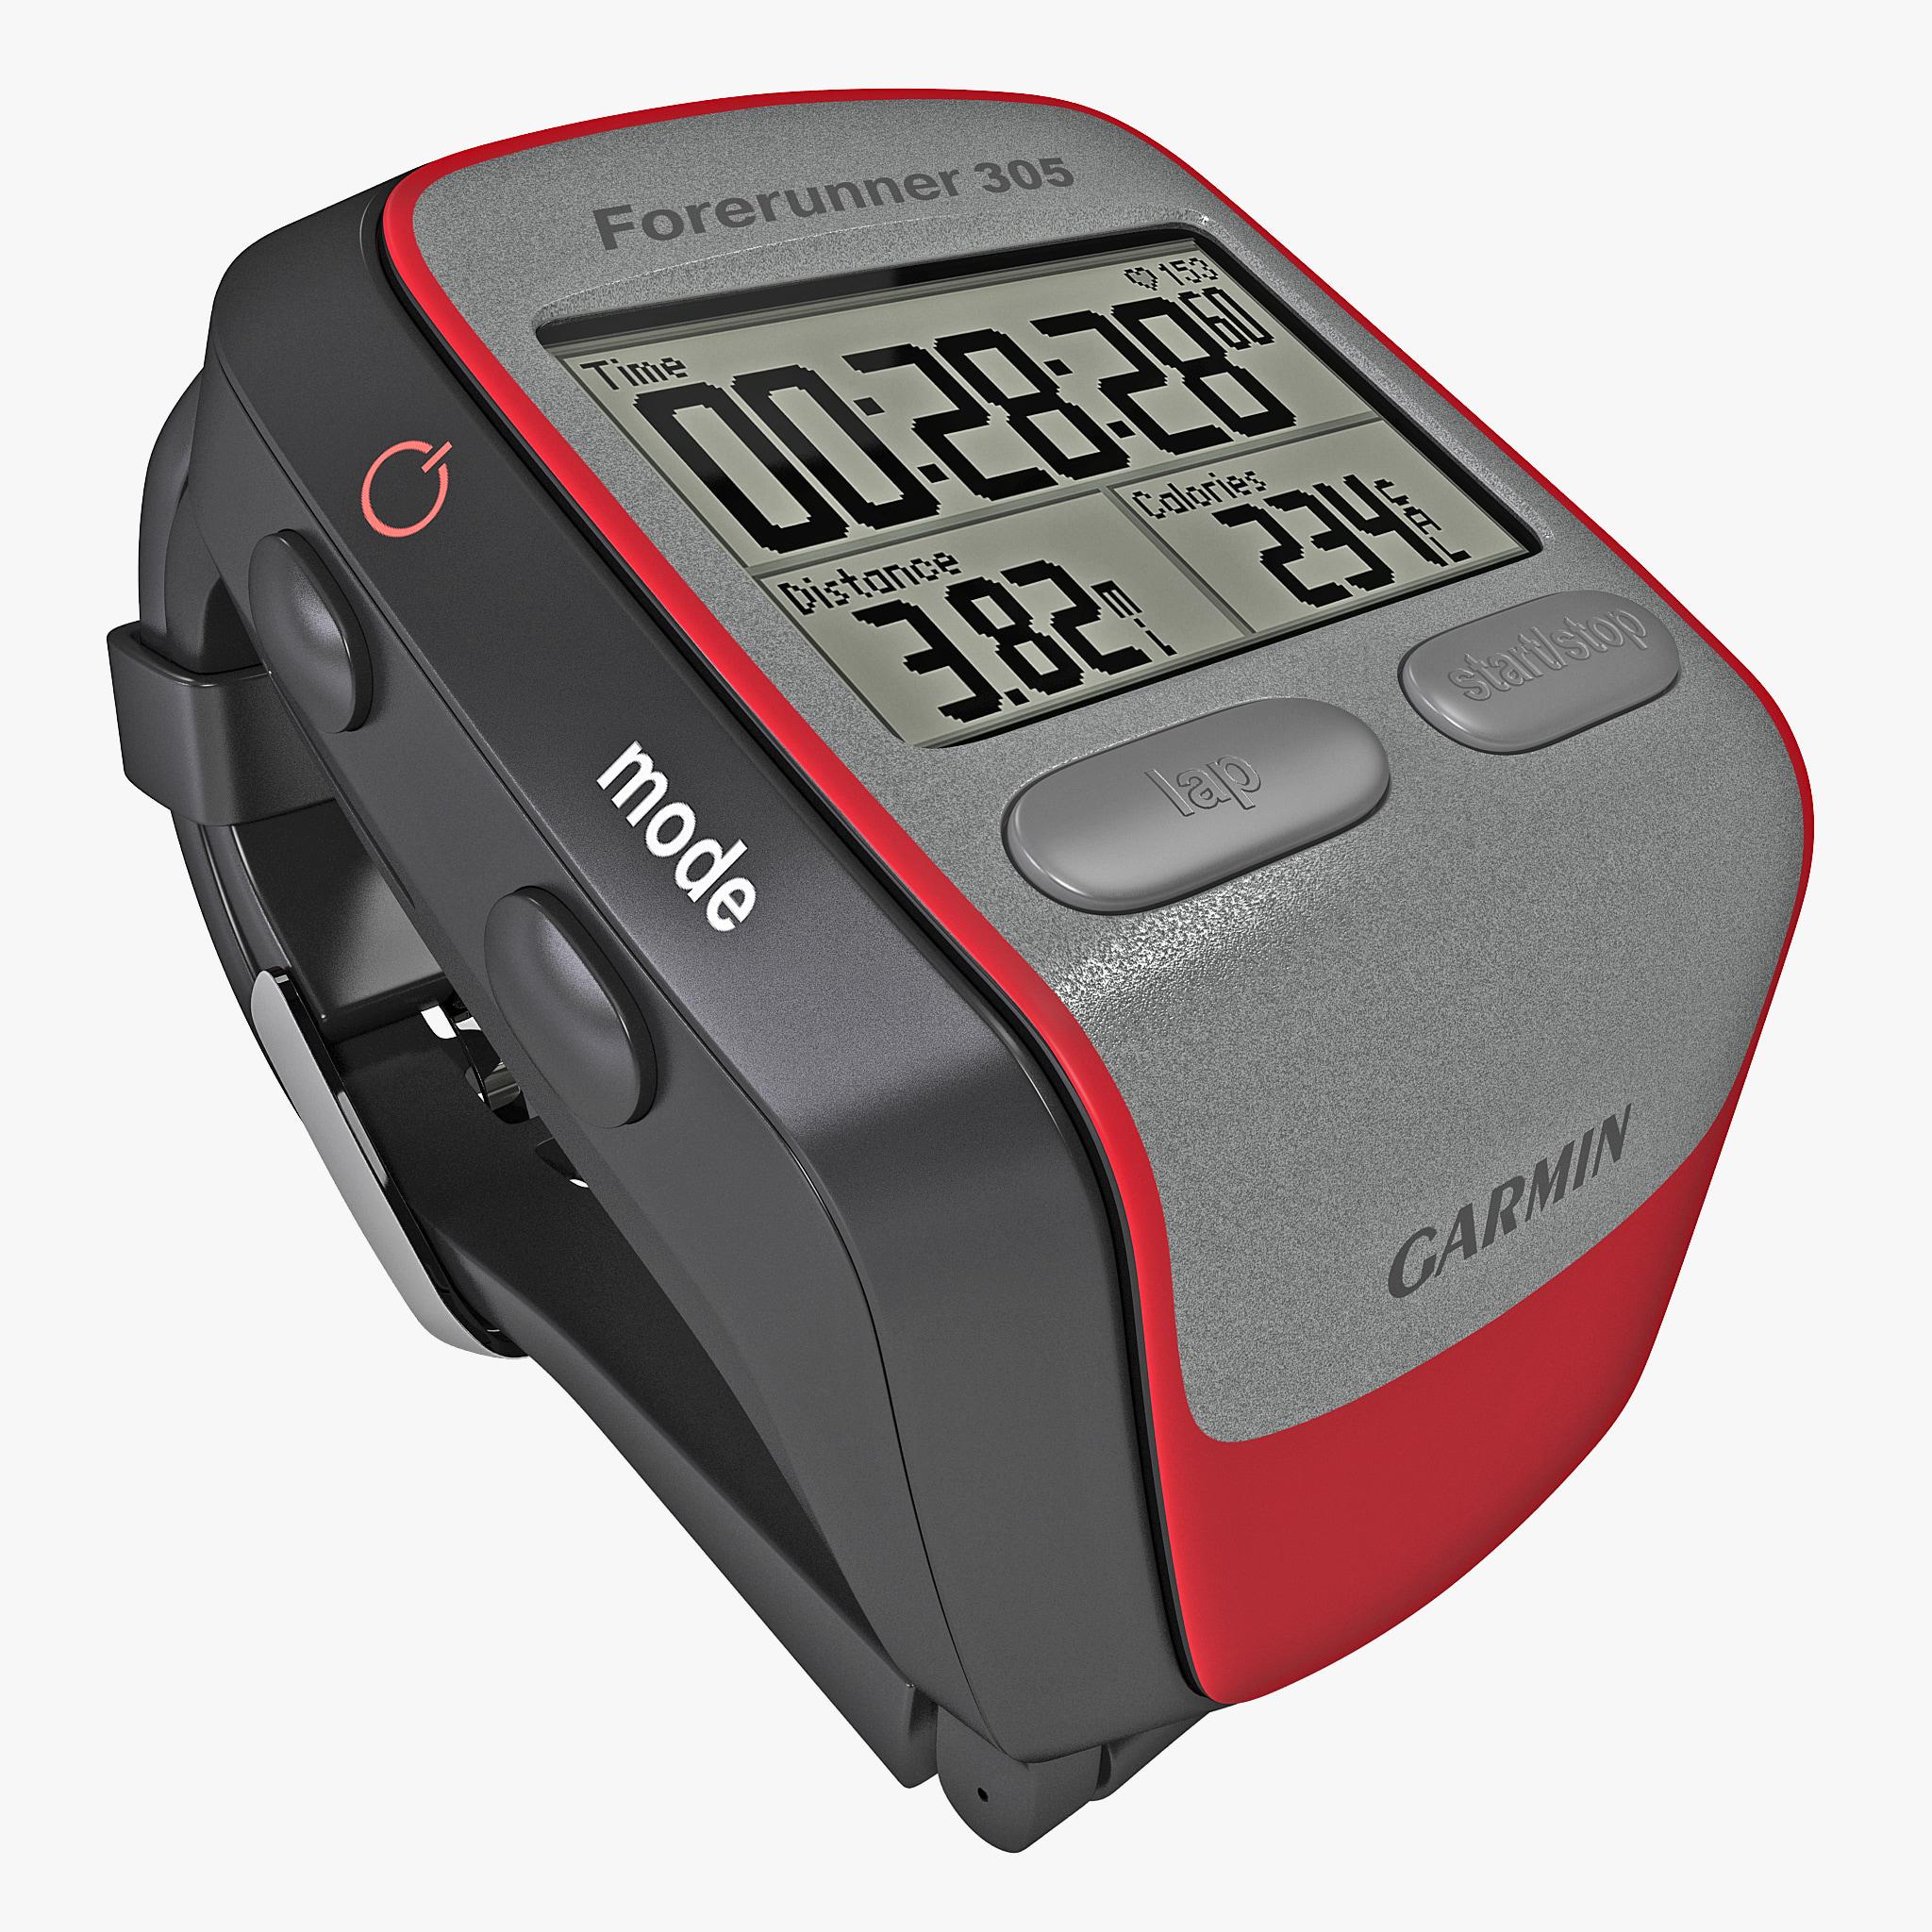 GPS Watch Garmin Forerunner 305_1.jpg